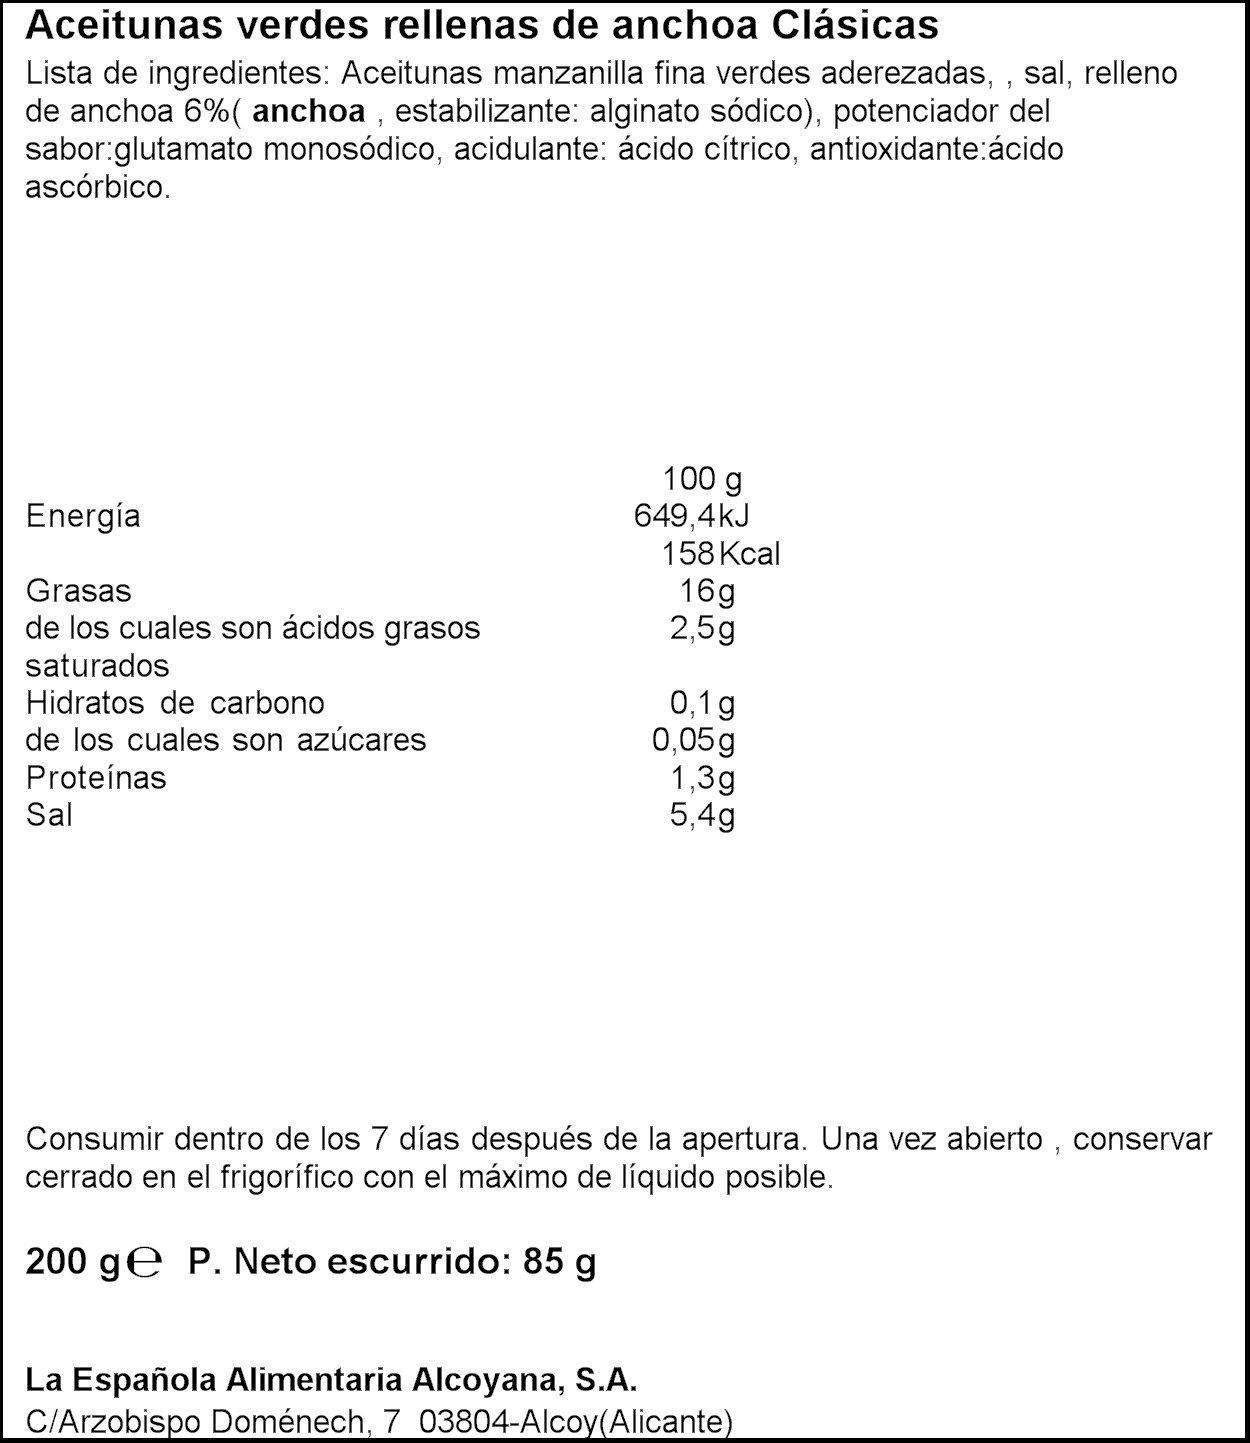 La Española Aceitunas Verdes Rellenas de Anchoa Clásicas - 200 g: Amazon.es: Amazon Pantry